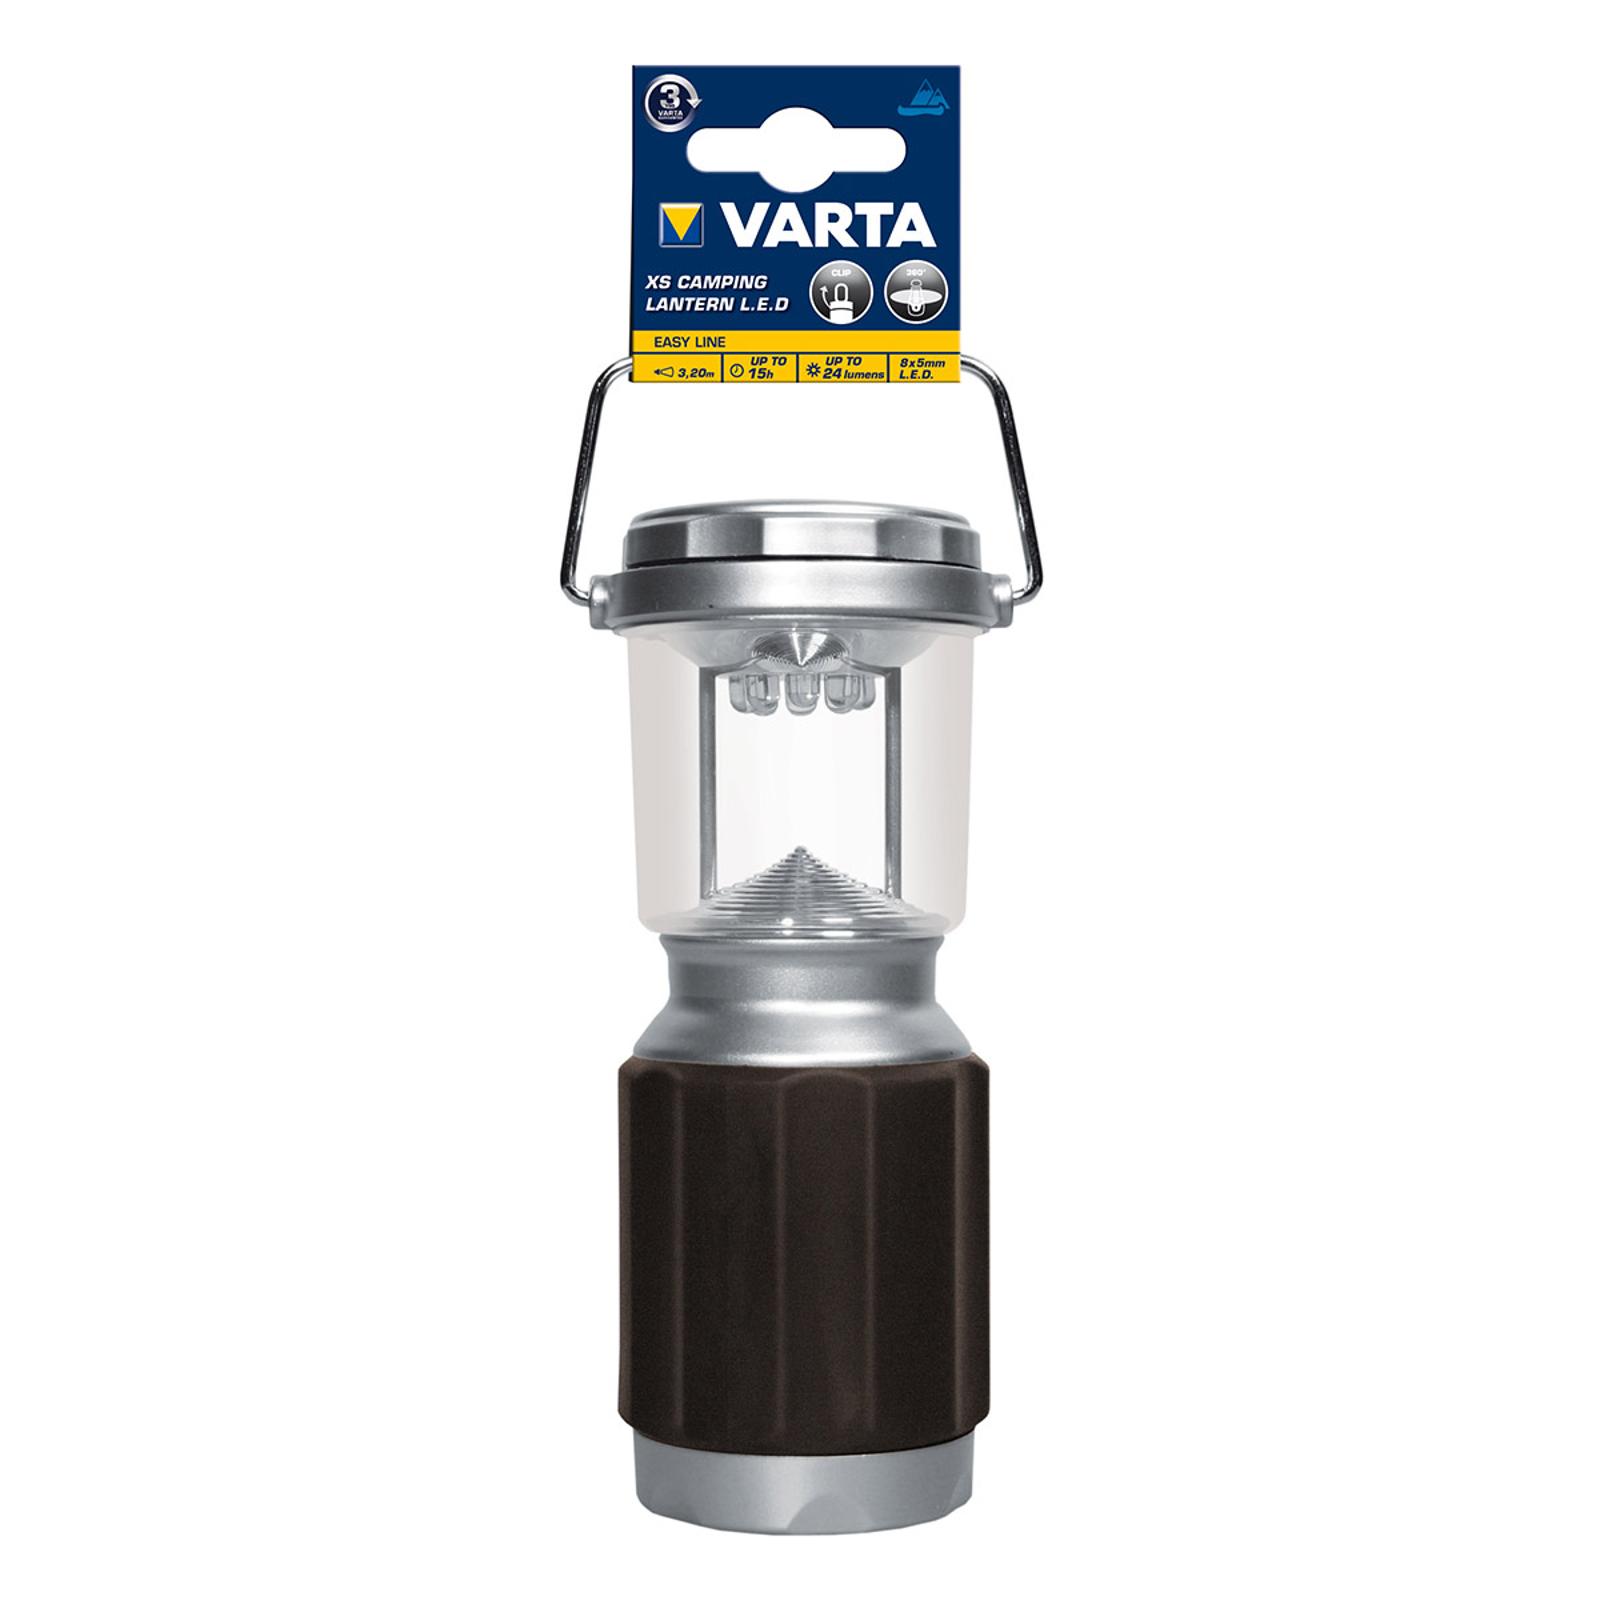 Linterna de camping compacta XS